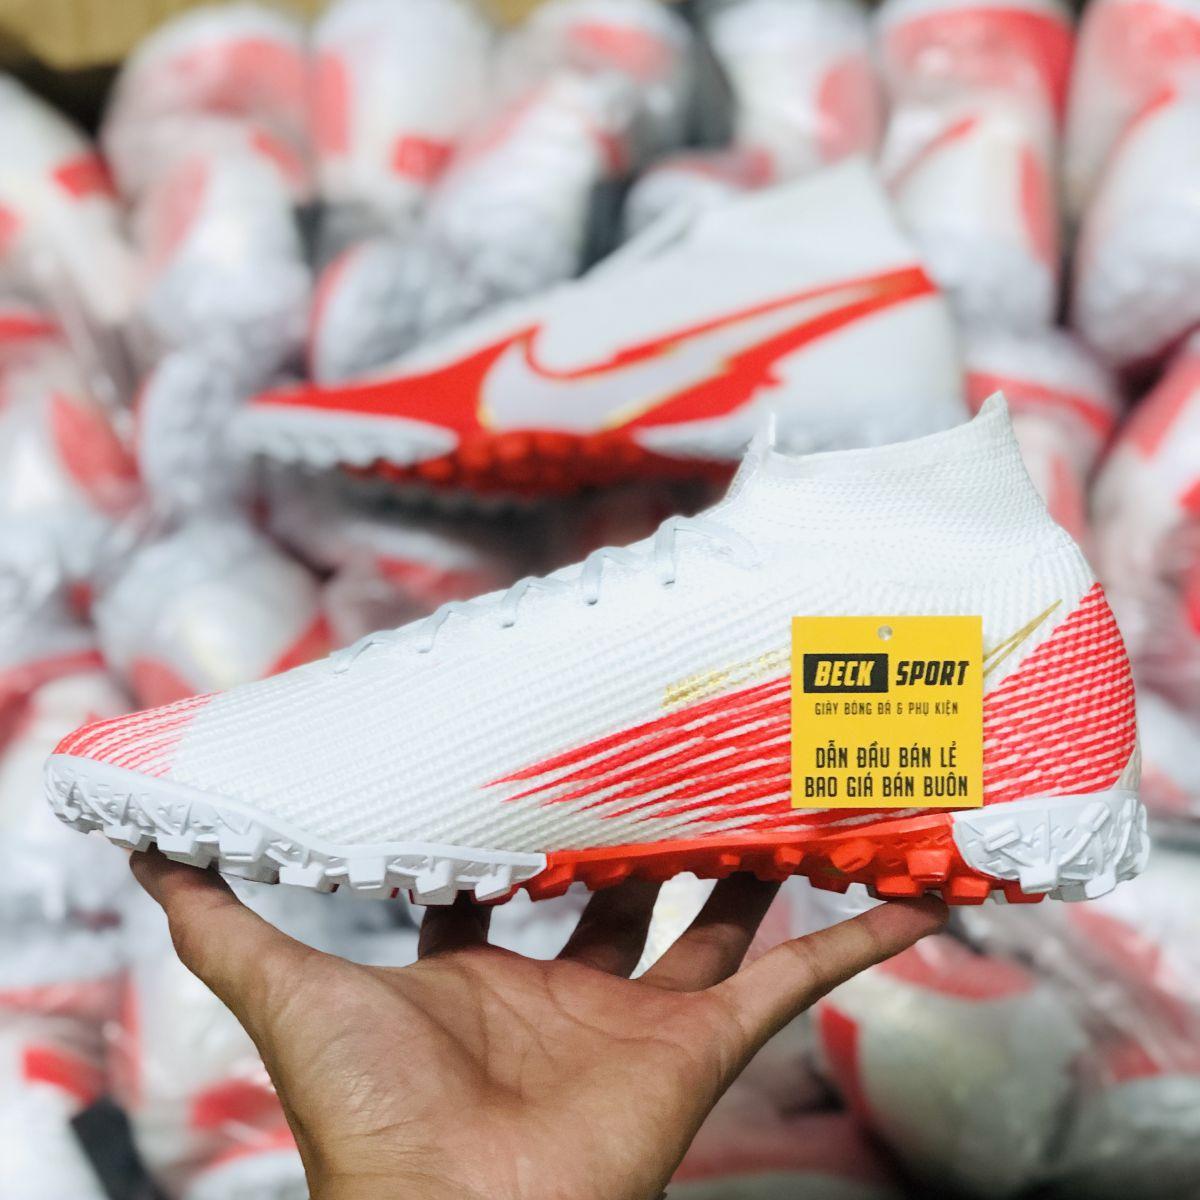 Giày Bóng Đá Nike Mercurial Superfly 7 Elite Trắng  Đỏ Vạch Trắng Cổ Cao TF